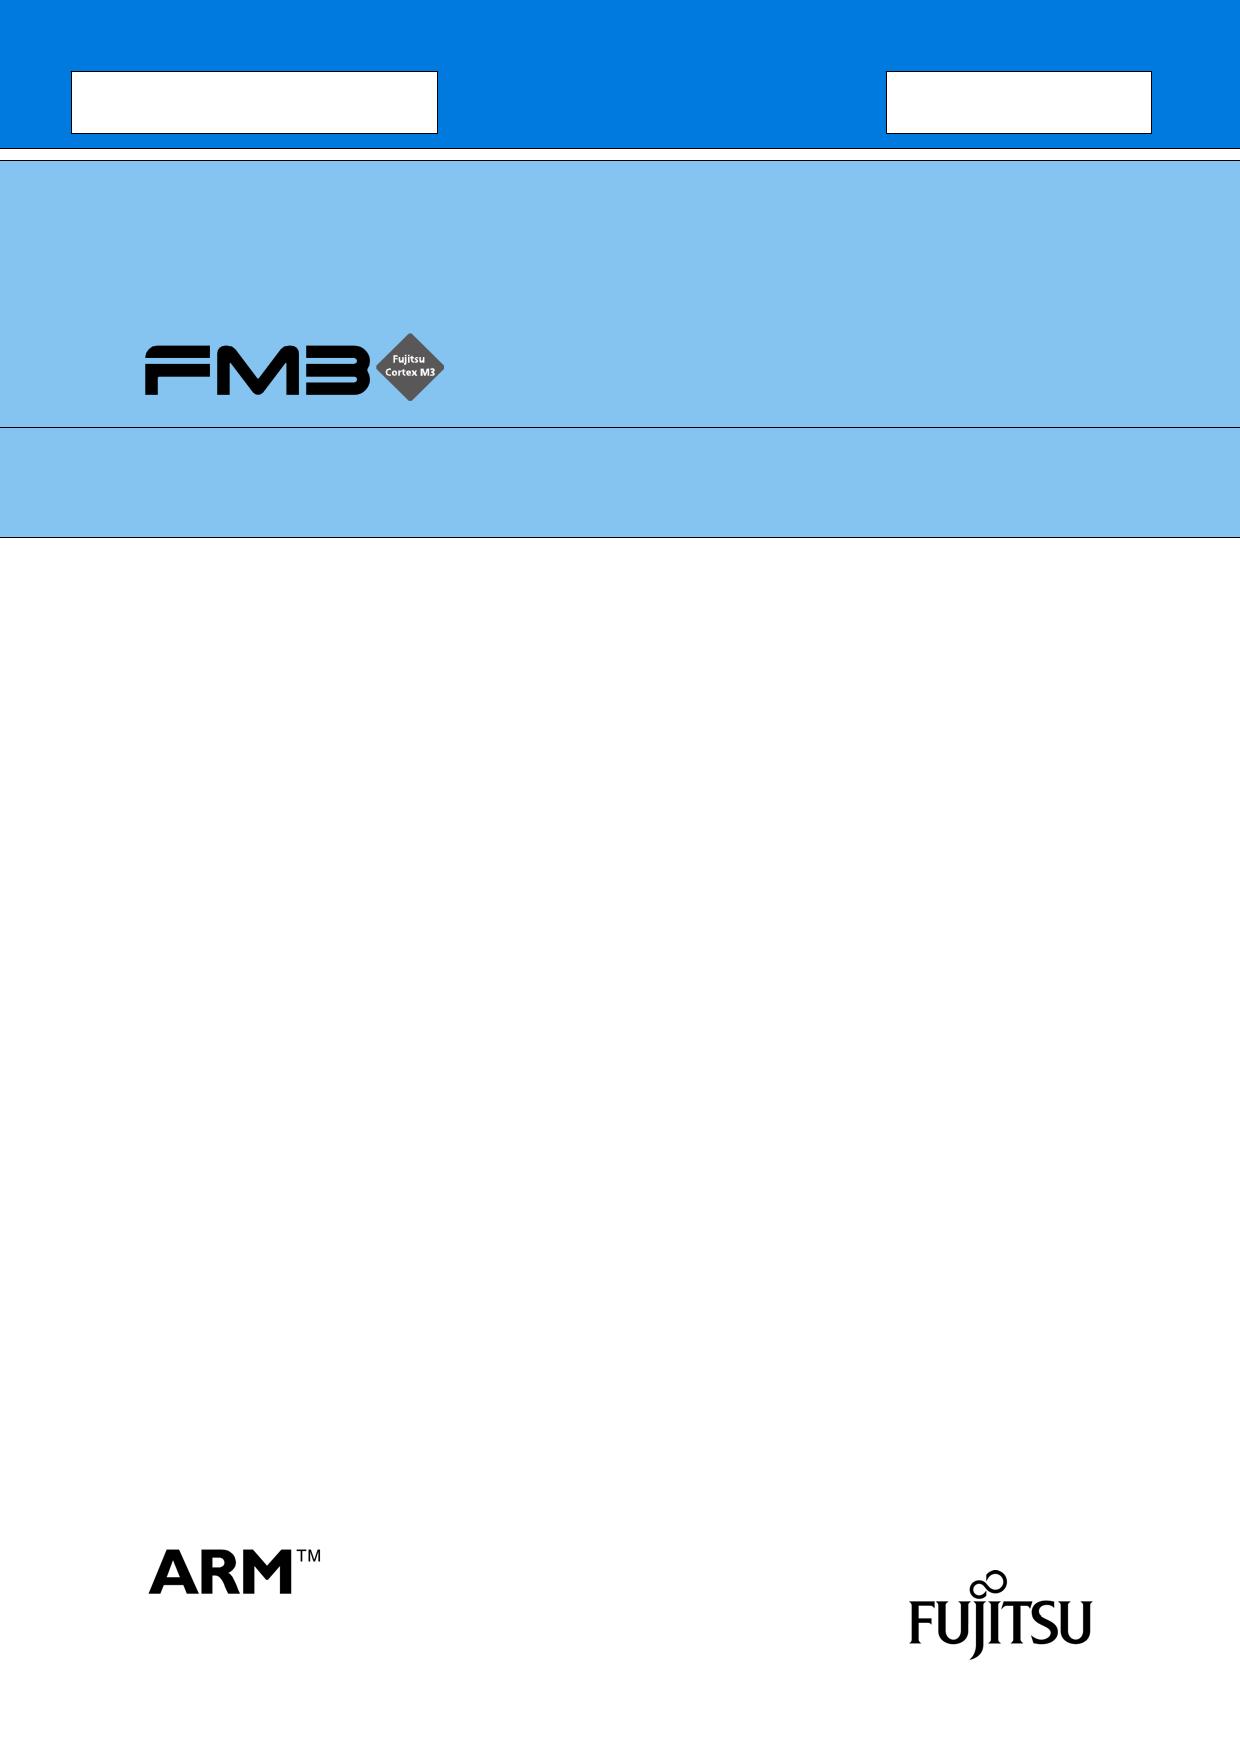 MB9BF324K 데이터시트 및 MB9BF324K PDF